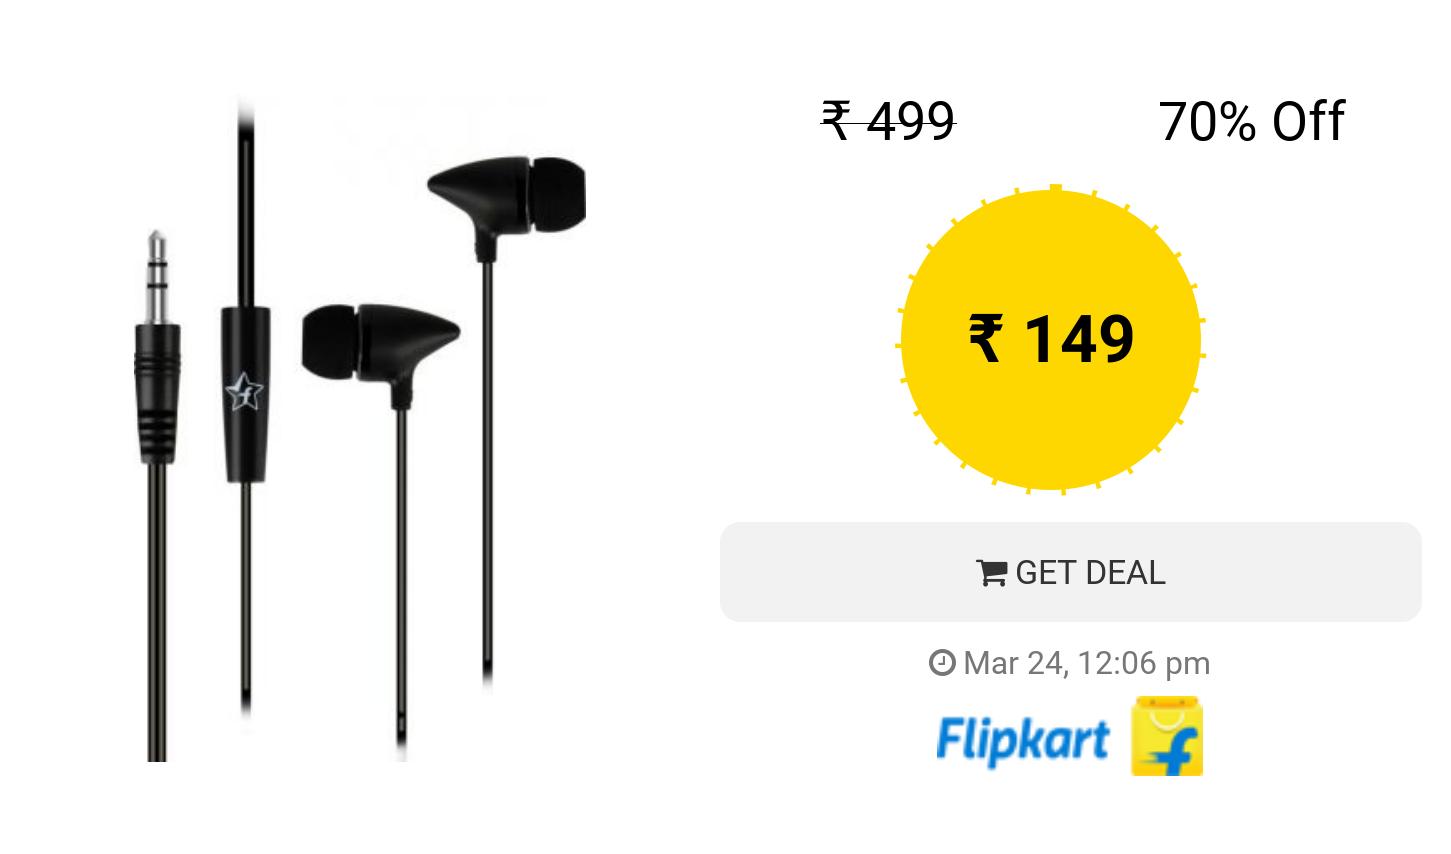 3a70b6c7bda Flipkart SmartBuy Wired Earphones with Mic (Black, In the Ear ...